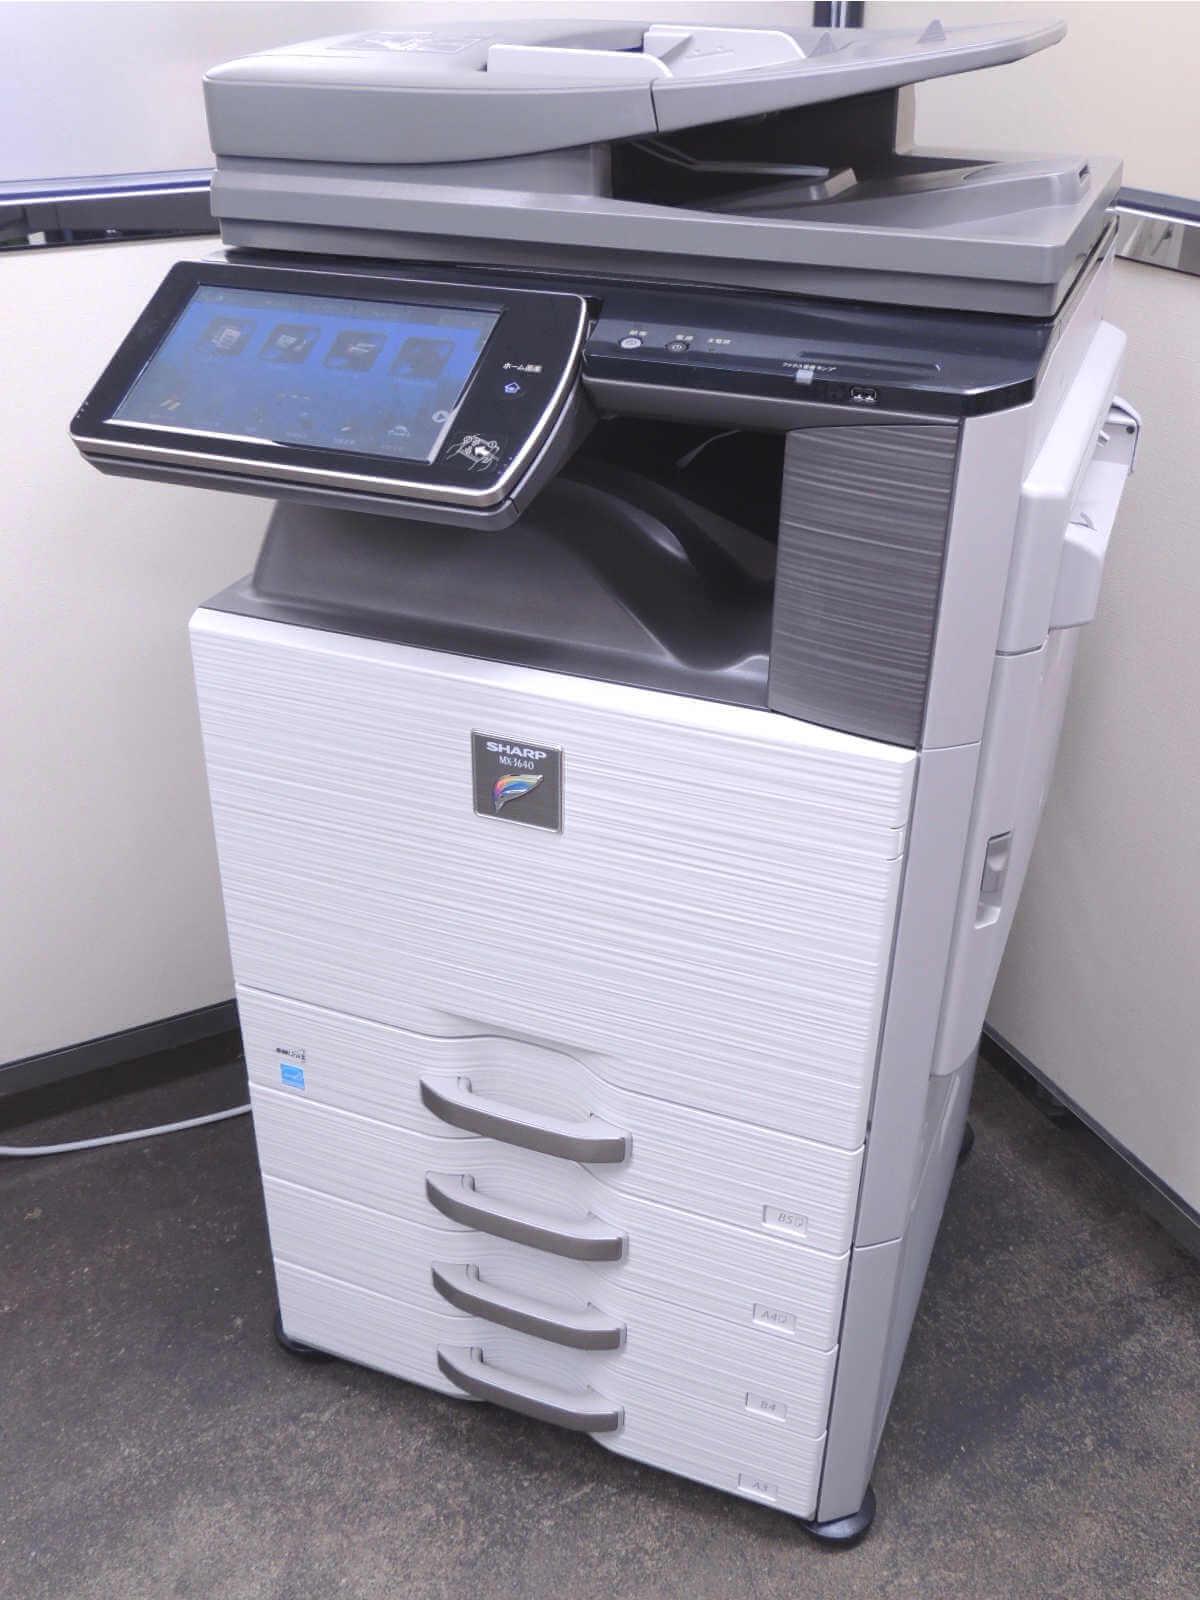 MX-3640FN(SHARP)中古カラー複合機・高速・A3・Mac・無線LAN対応【コピヤス】